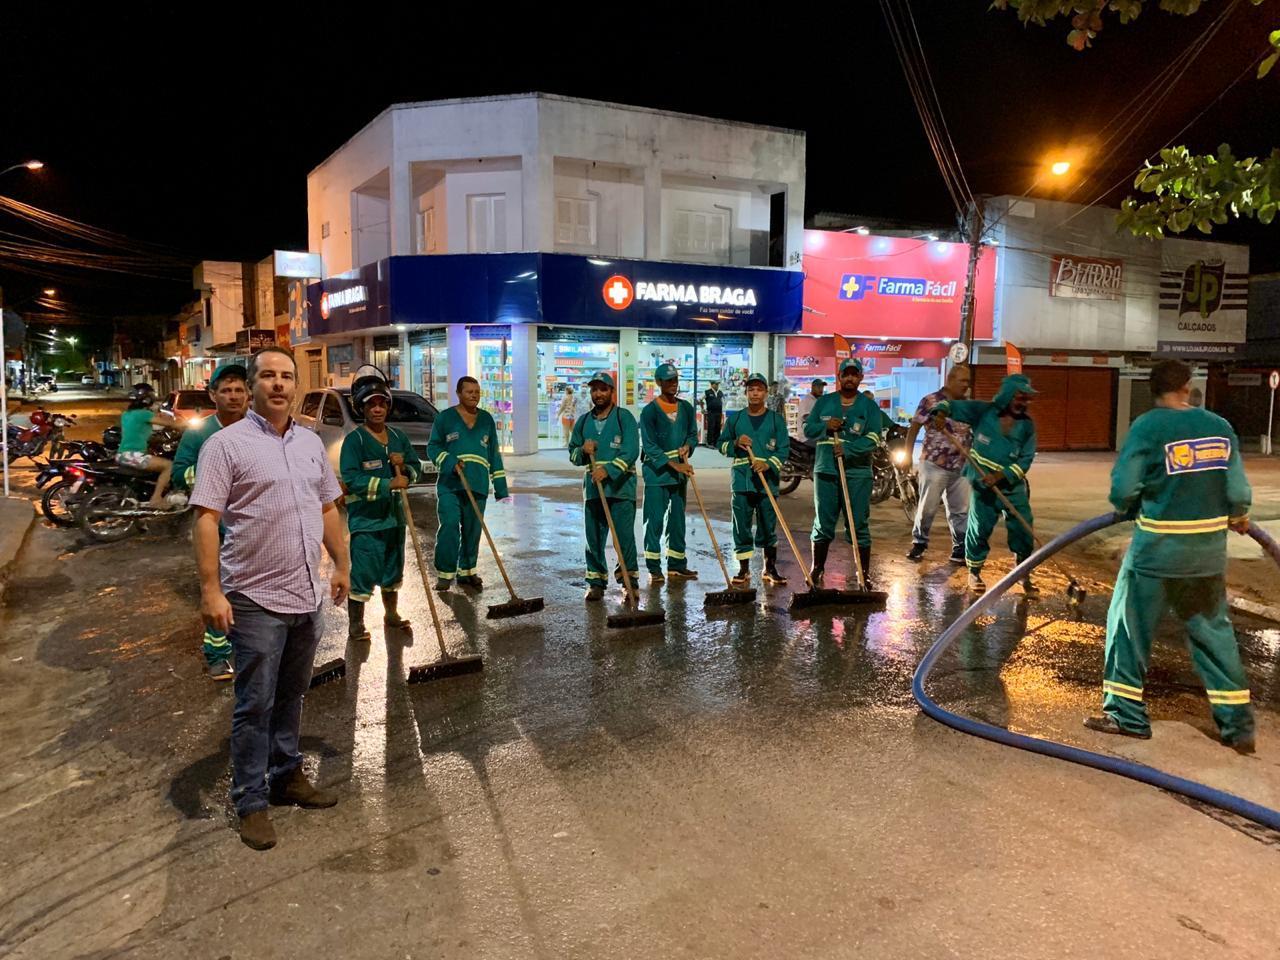 Prefeito de Ribeirão coordena e vistoria serviço de higienização das principais ruas da cidade